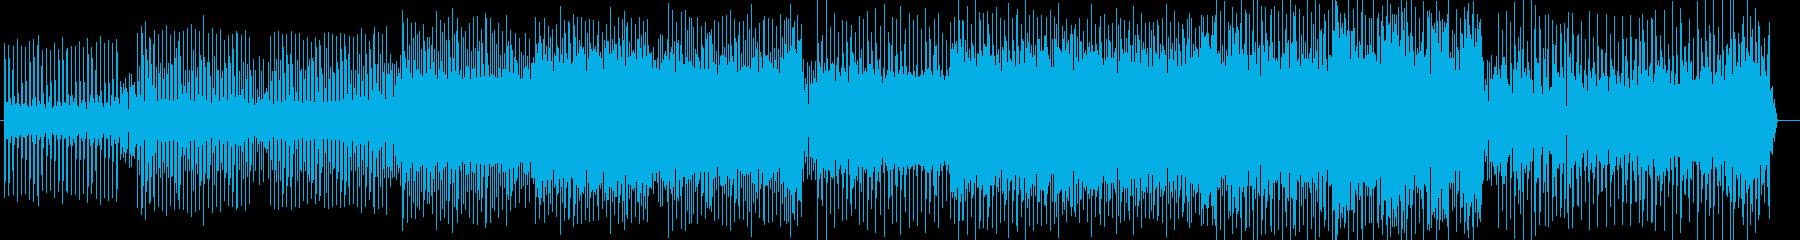 キャッチーなテクノサウンドの再生済みの波形